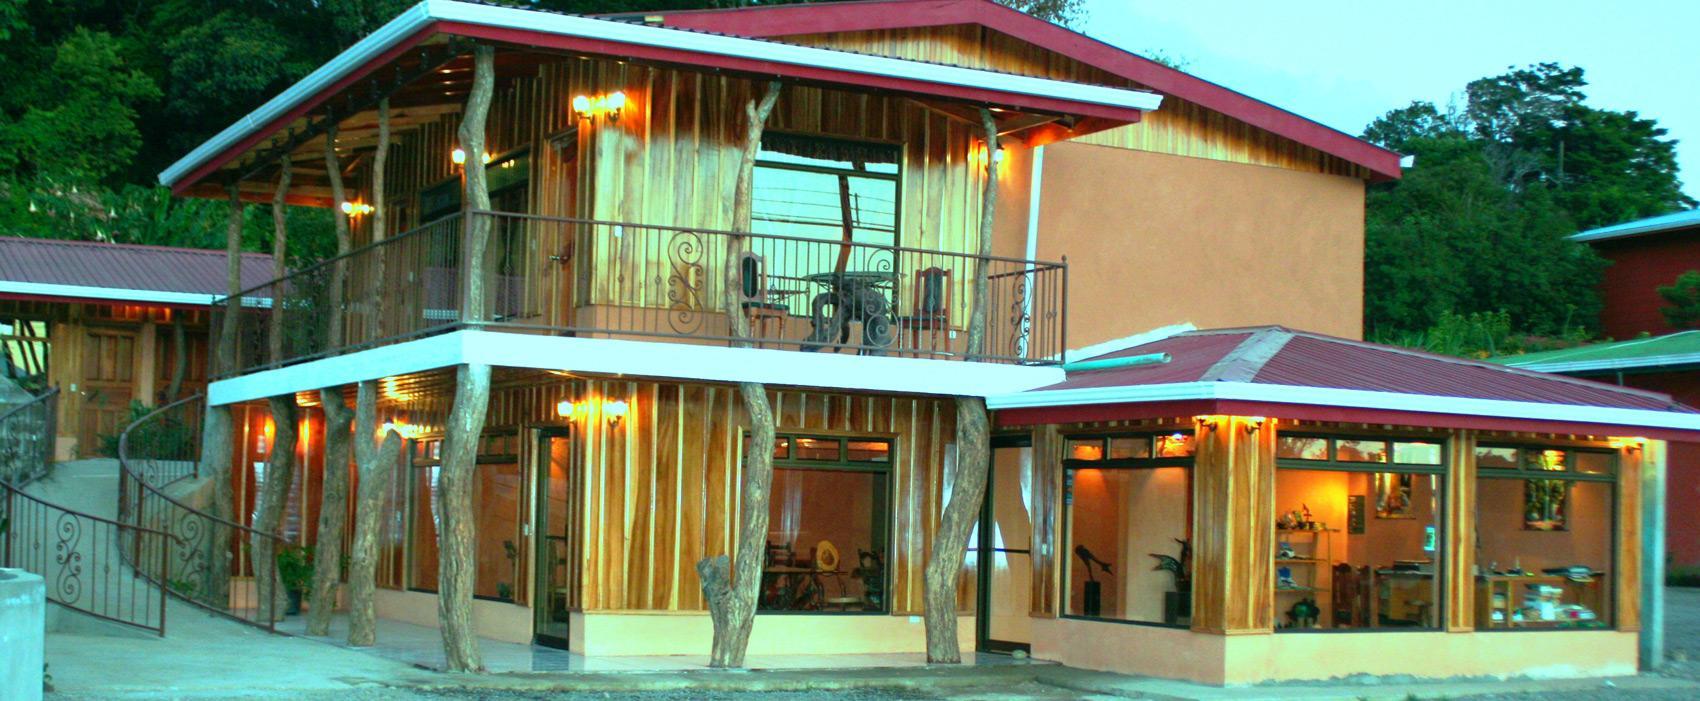 蒙特維多鄉村旅館